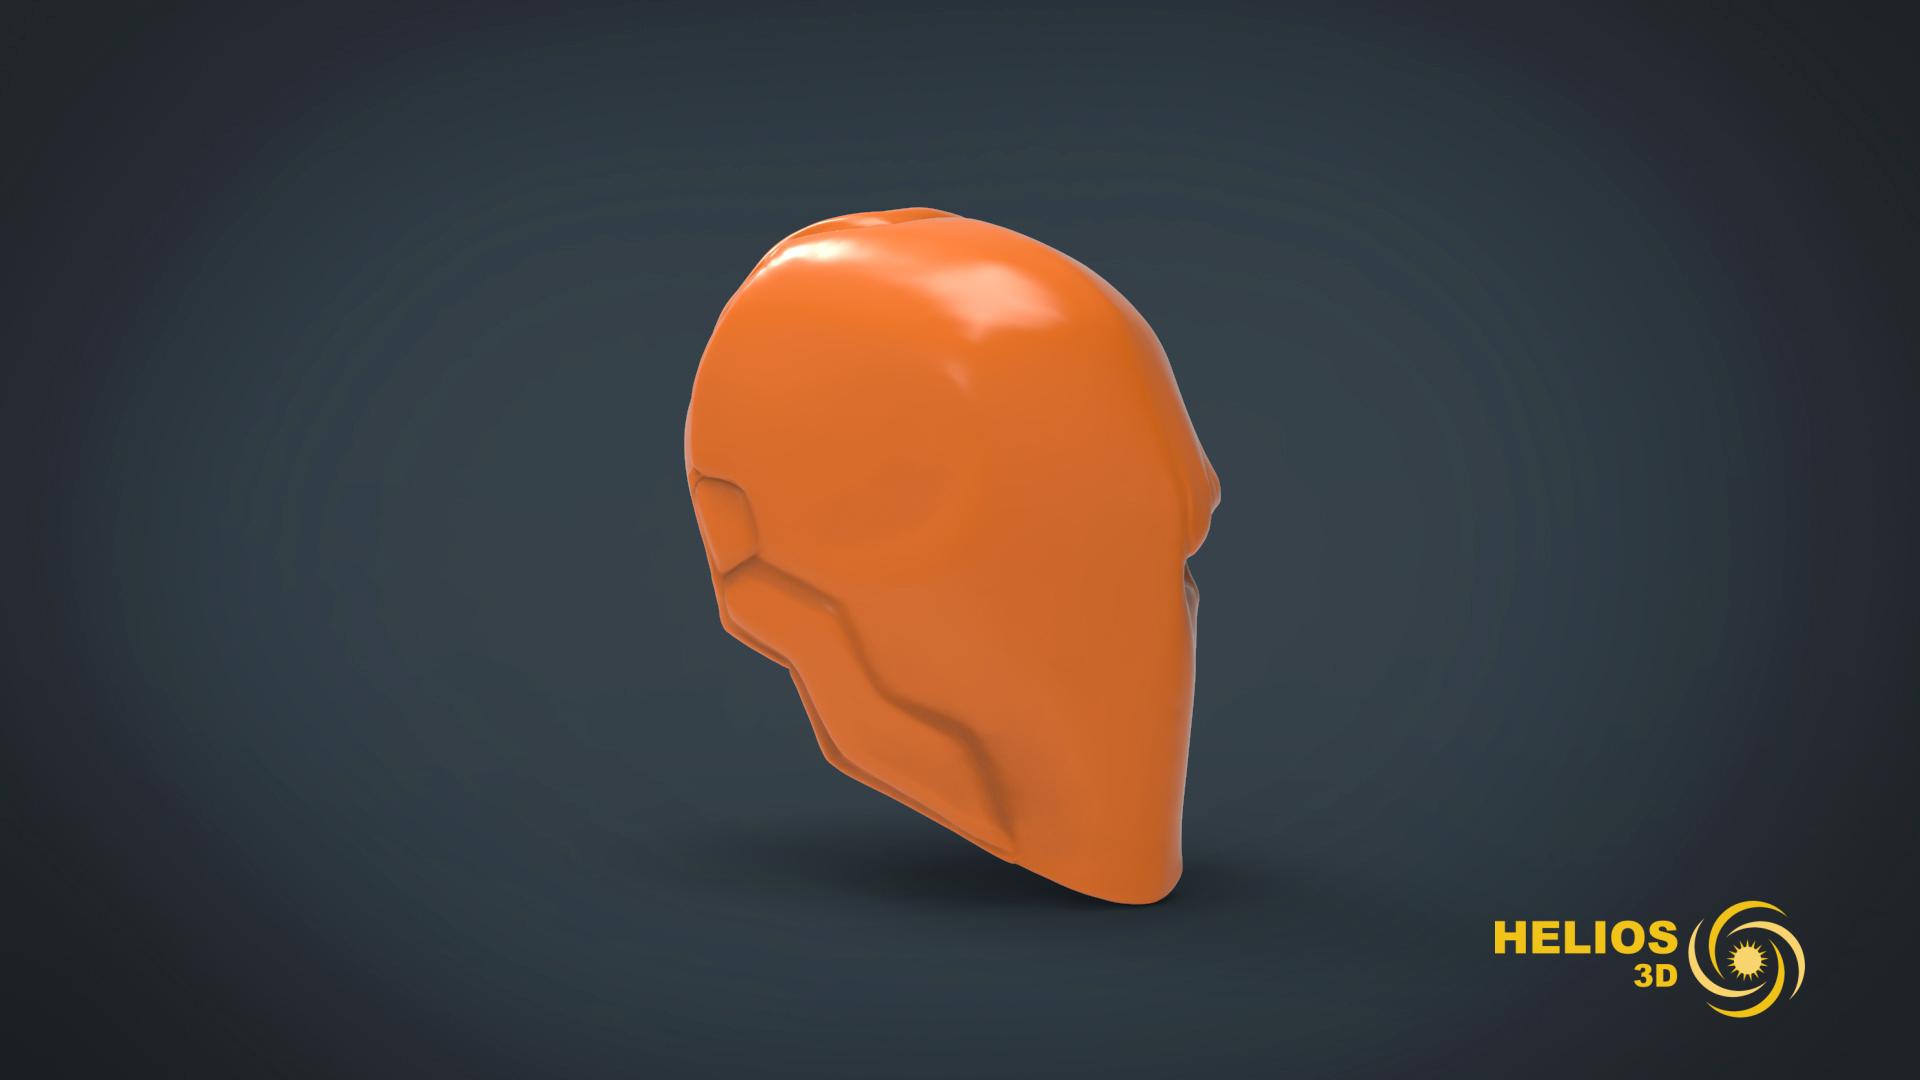 untitled.292.jpg Télécharger fichier STL gratuit Casque Deathstroke - portable grandeur nature • Objet pour imprimante 3D, Helios3D